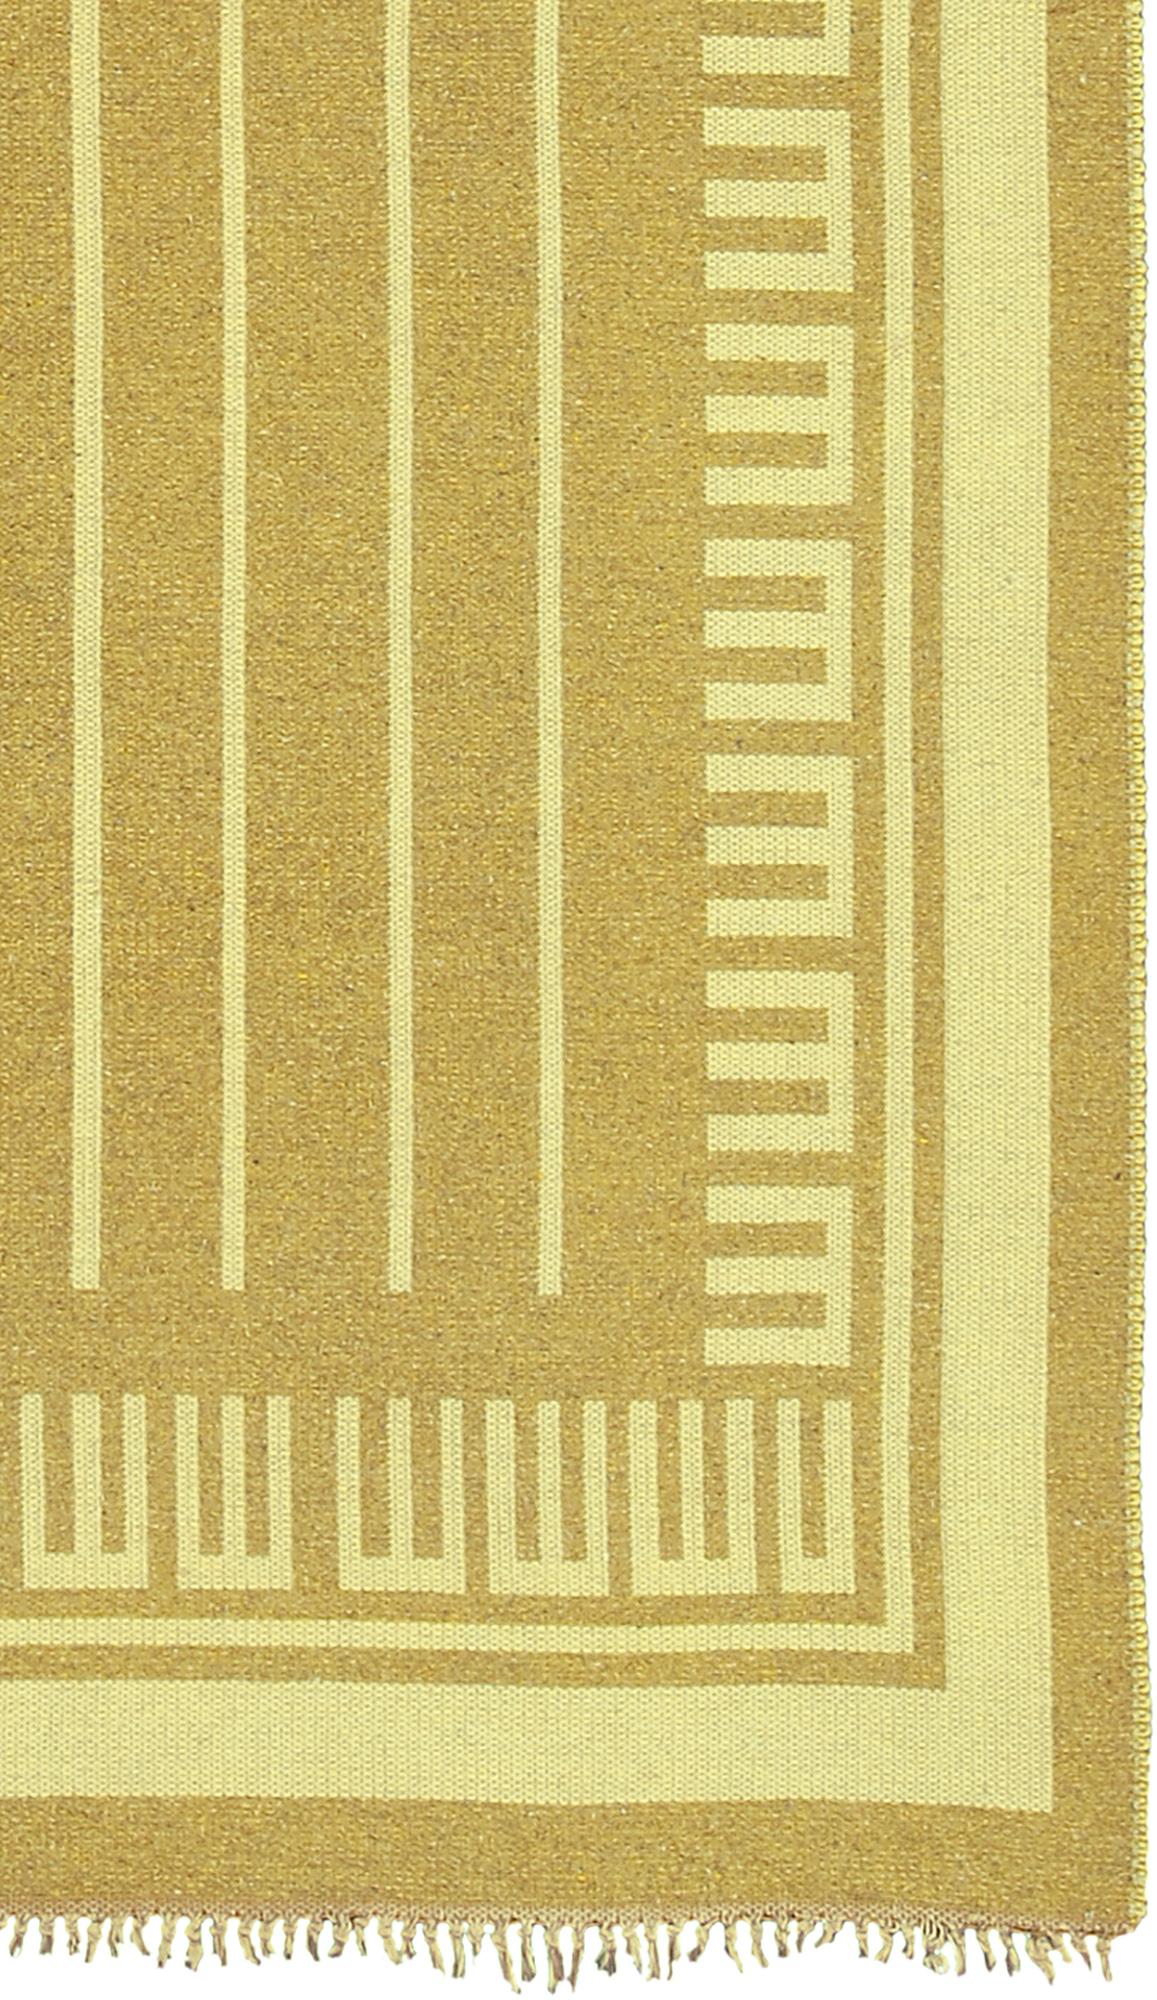 Swedish Flat Weave Rug #22086 | FJ Hakimian